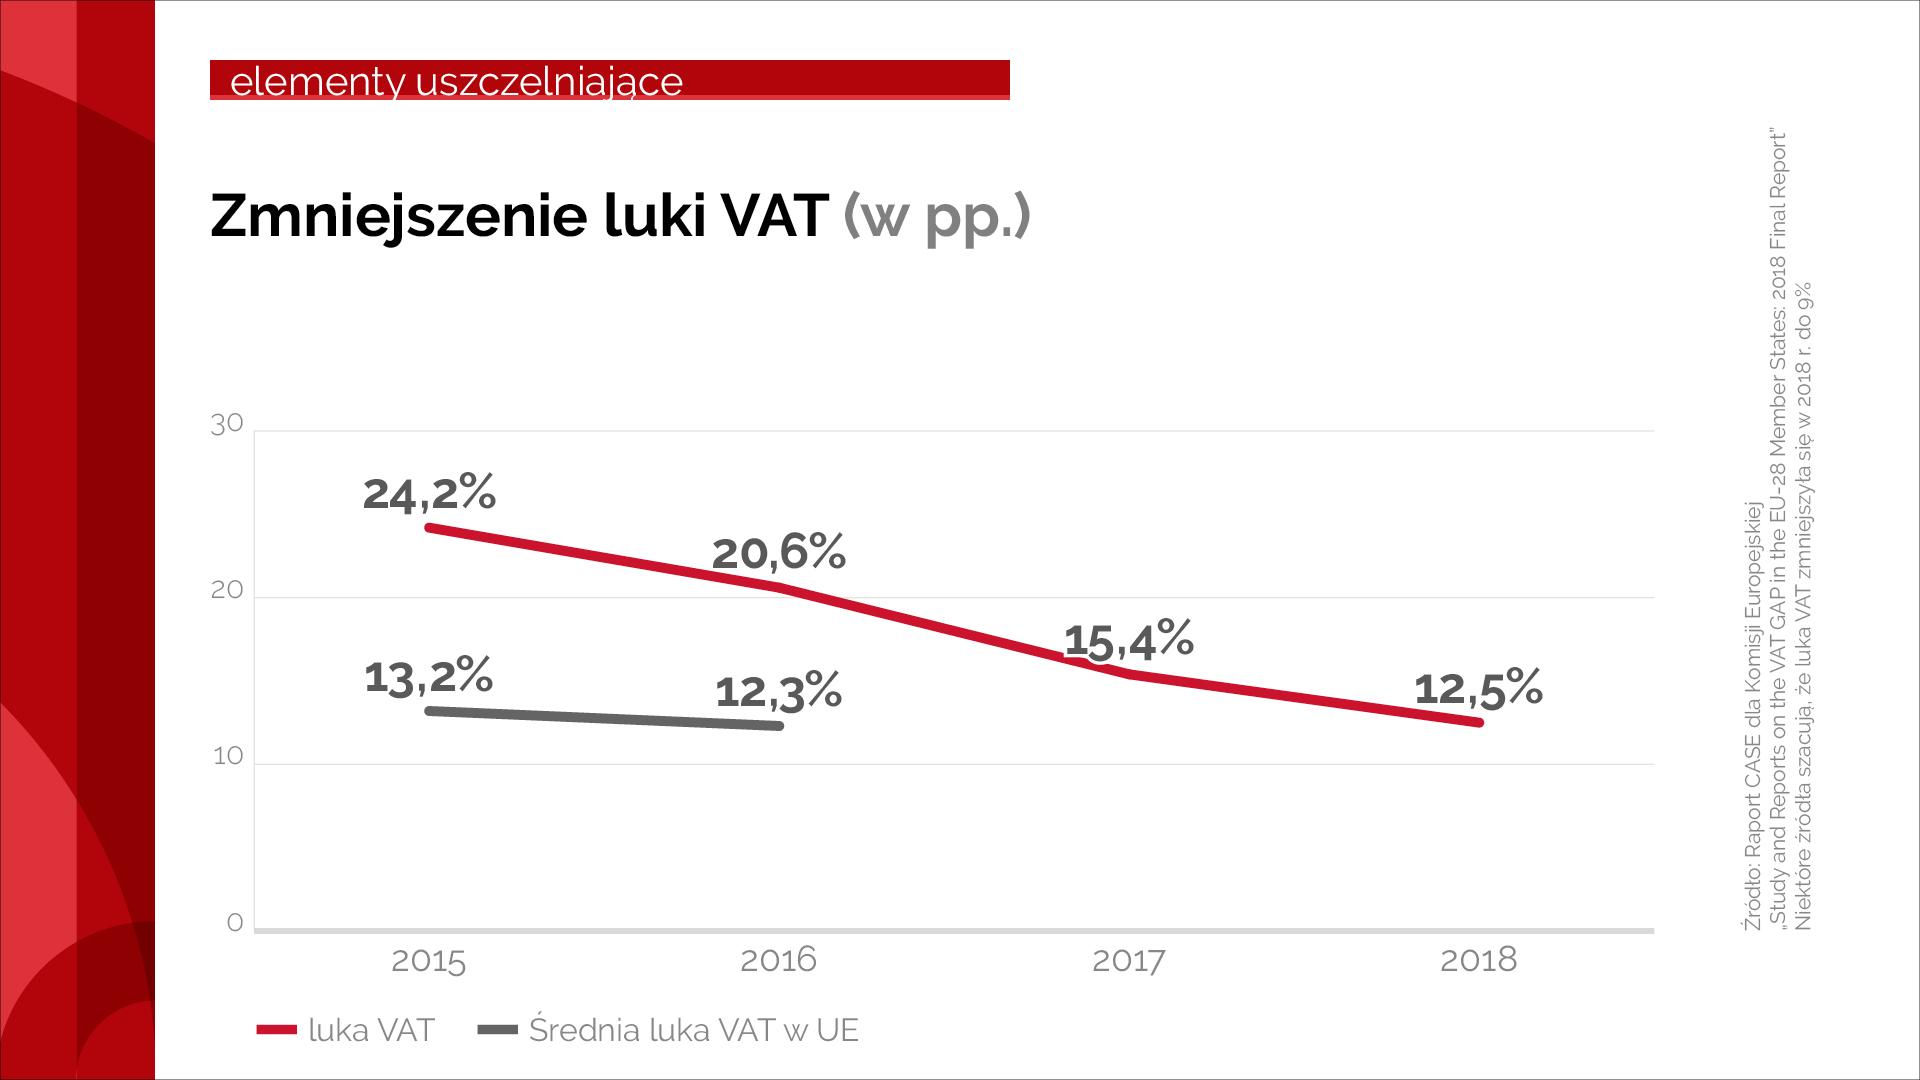 Wykres pokazujący zmniejszenie luki VAT od 2015 r. do 2018 r.